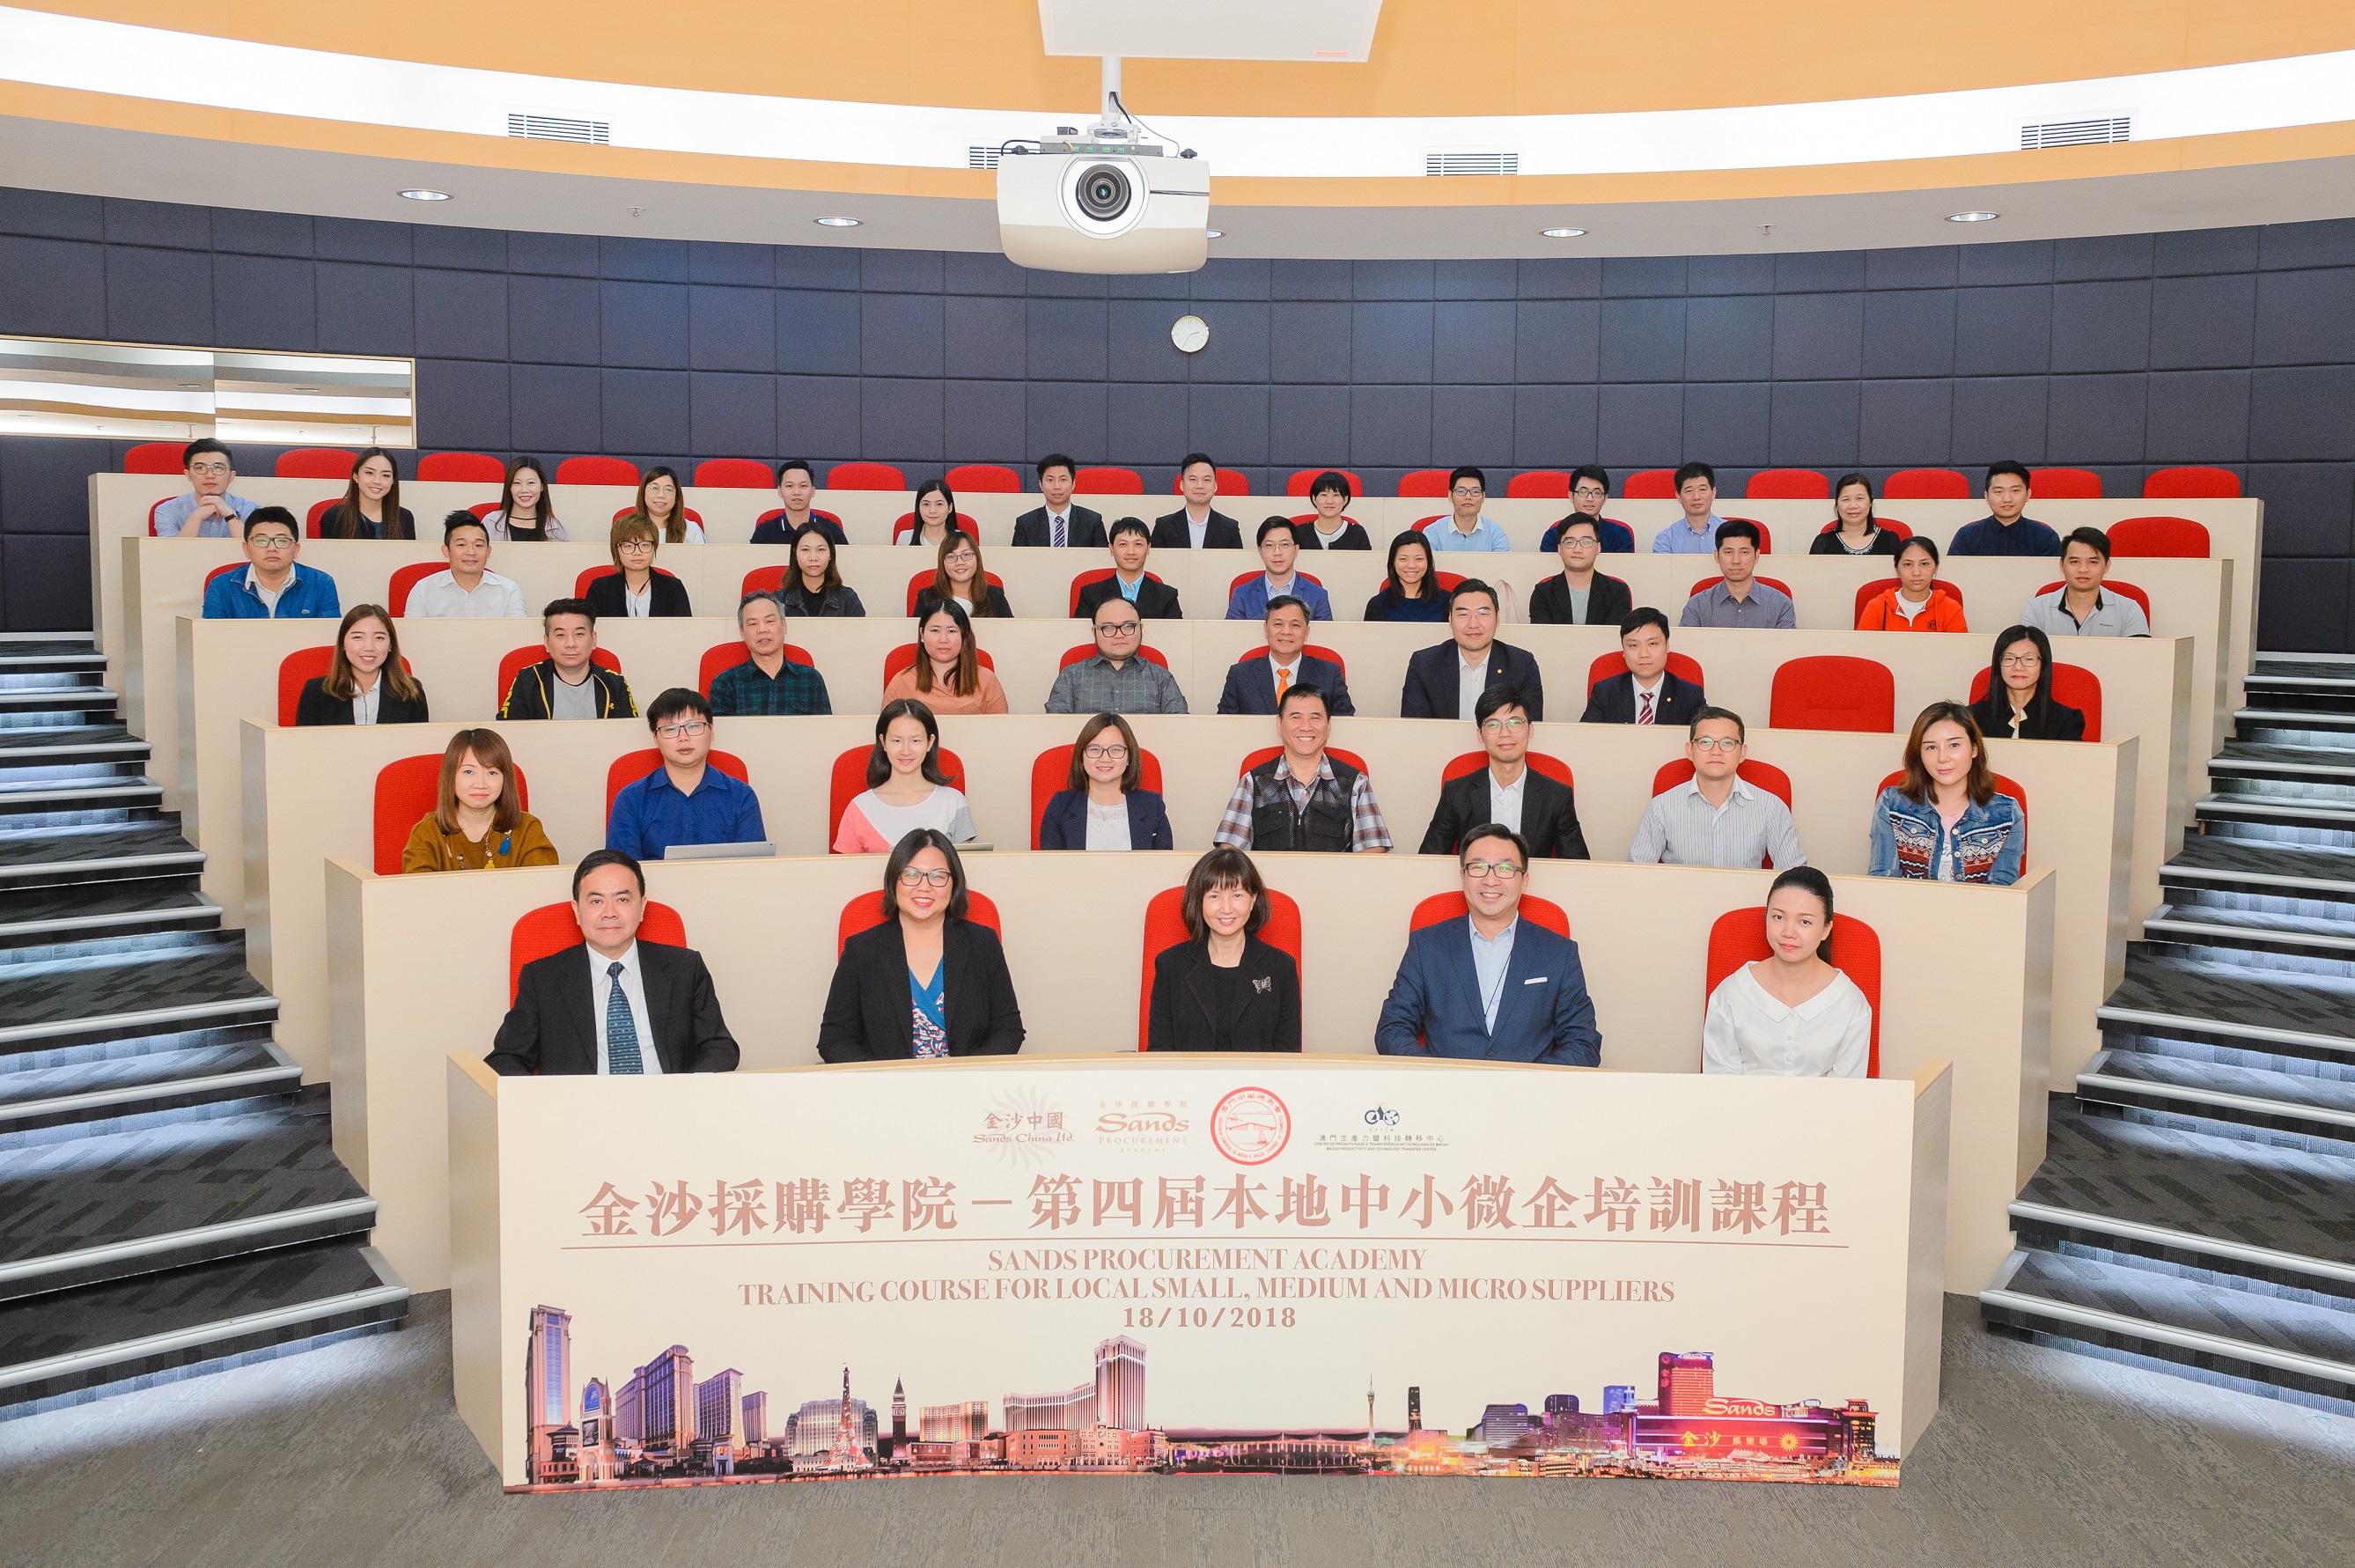 金沙採購學院第四屆培訓課 - 金沙中國有限公司